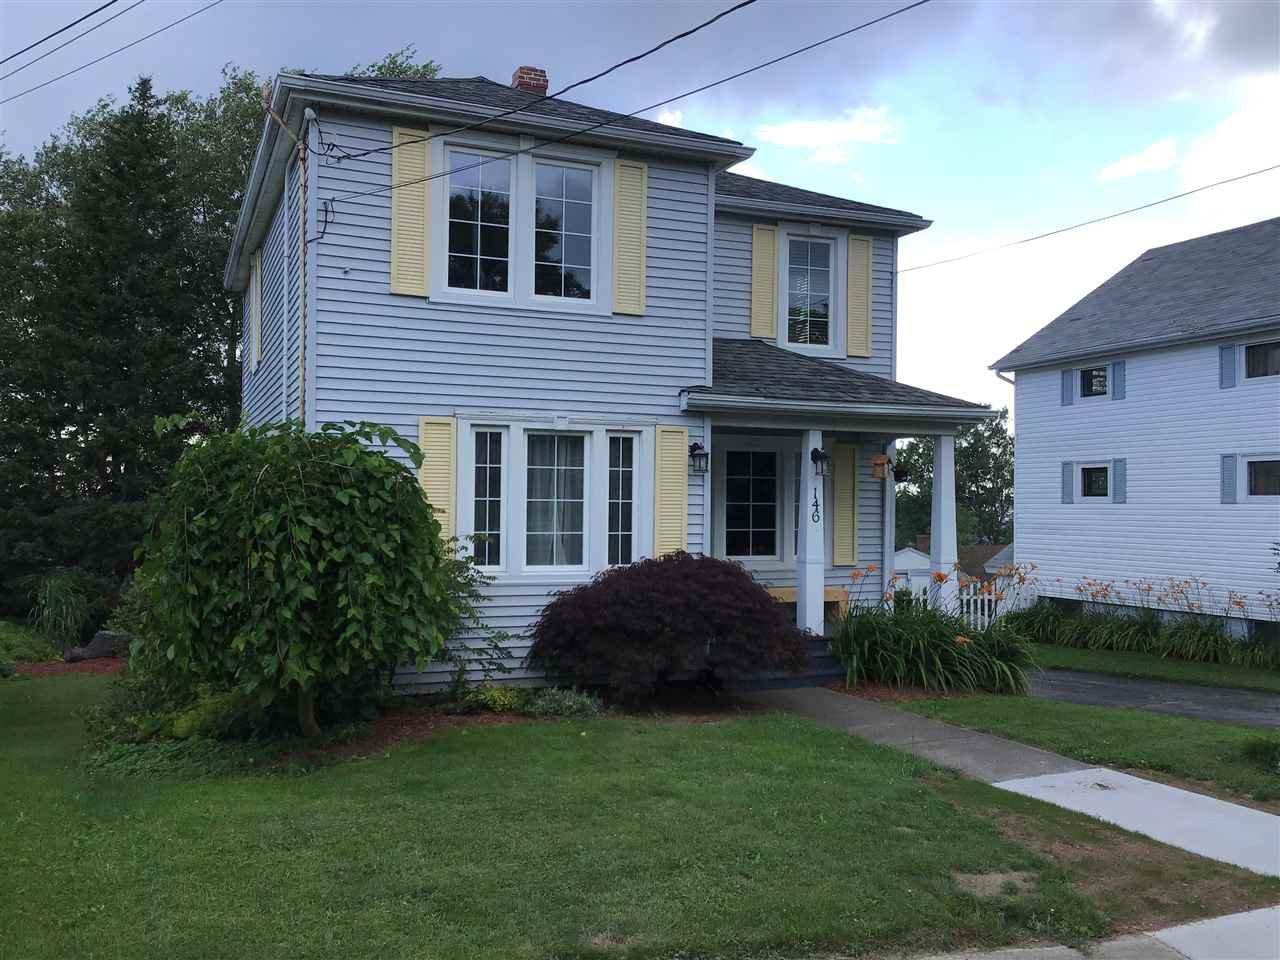 Main Photo: 146 Cornishtown Road in Sydney: 201-Sydney Residential for sale (Cape Breton)  : MLS®# 202014657